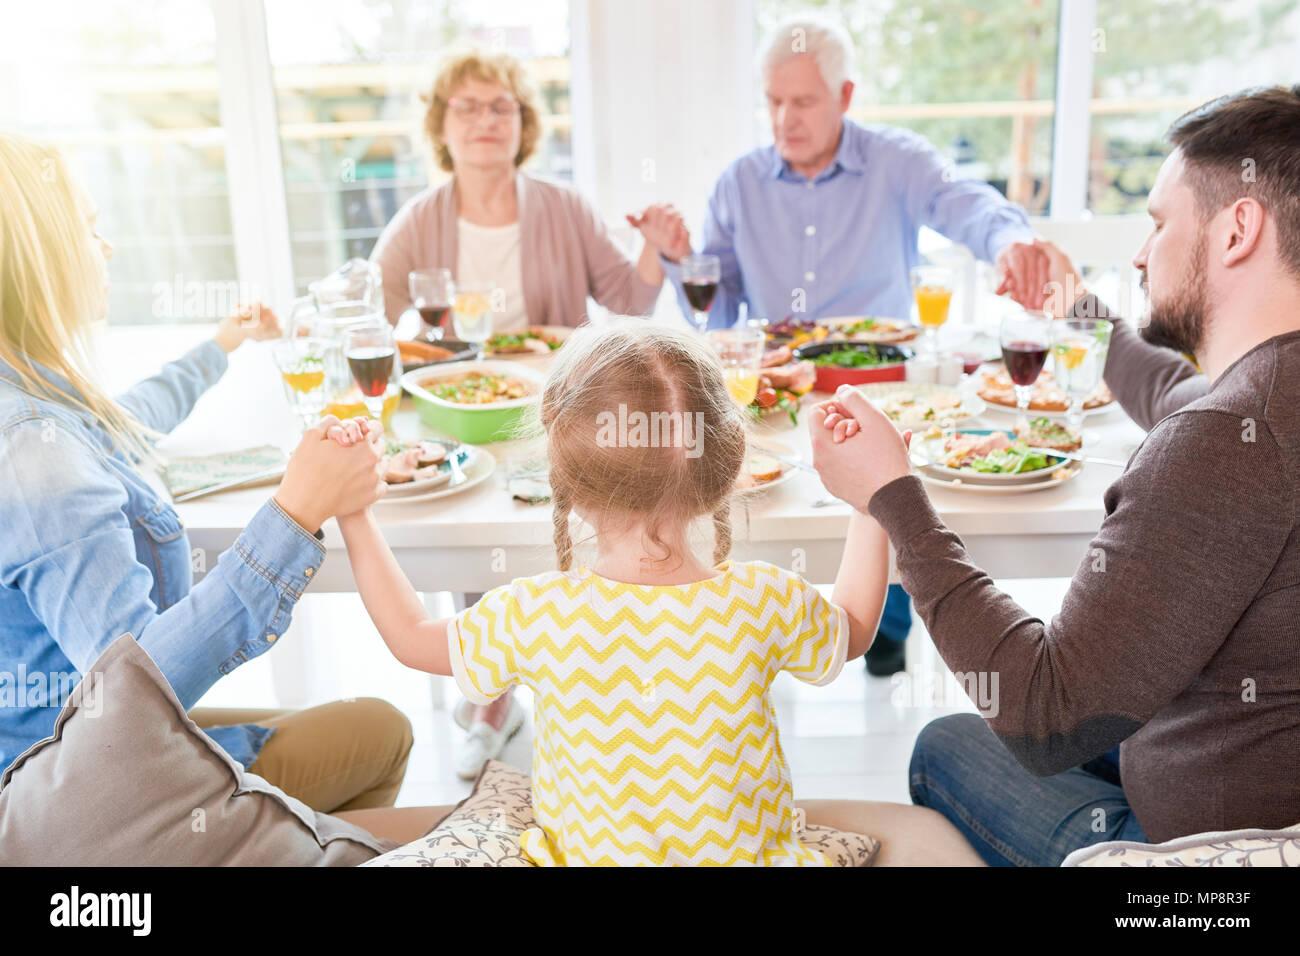 Familie beten bei Abendessen mit der Familie Stockbild